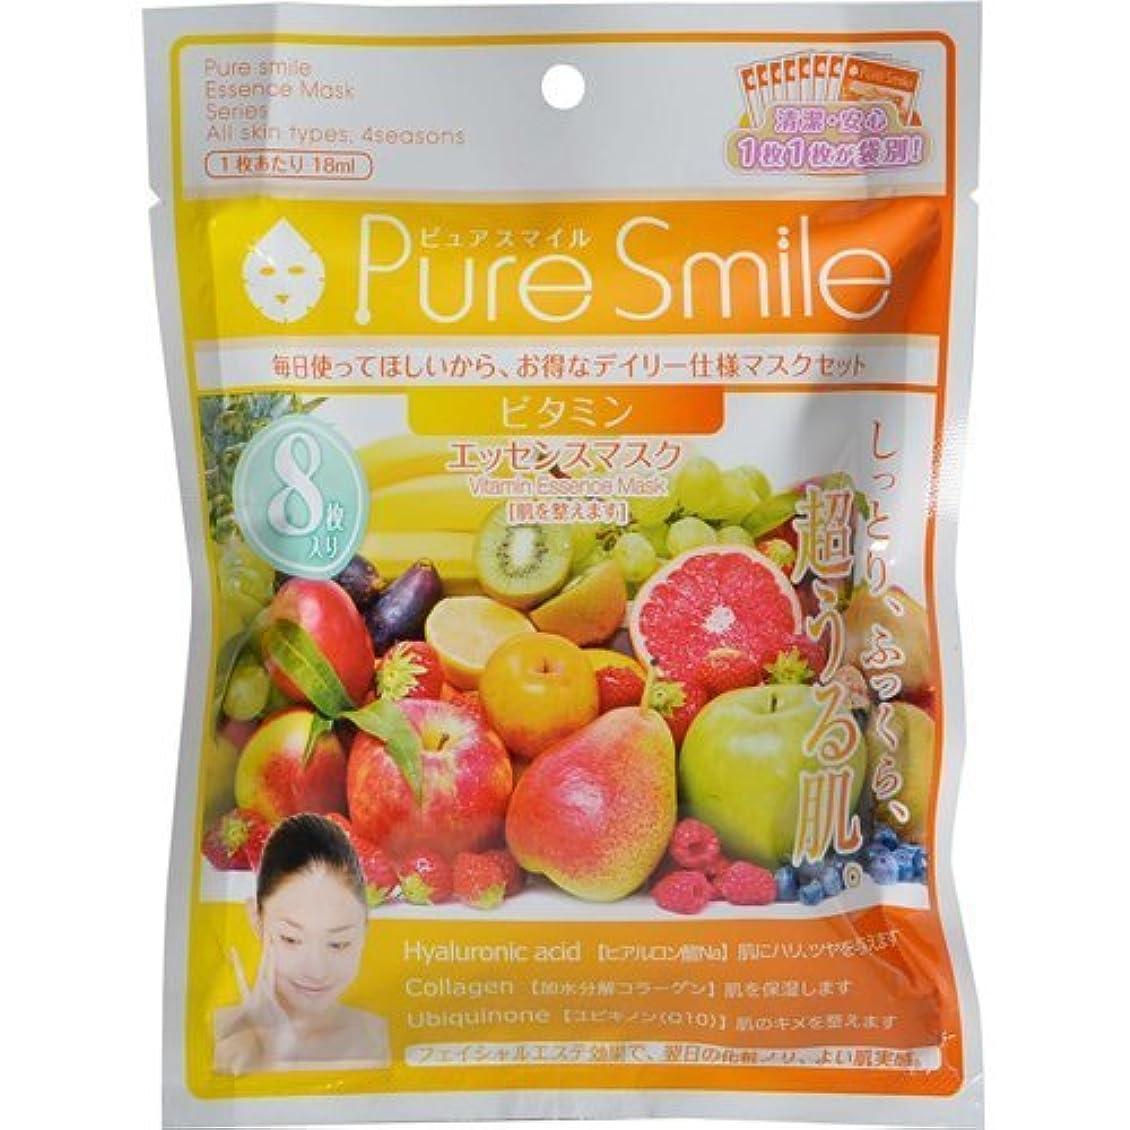 先乳製品空港Pure Smile エッセンスマスク8枚セット ビタミン 8枚